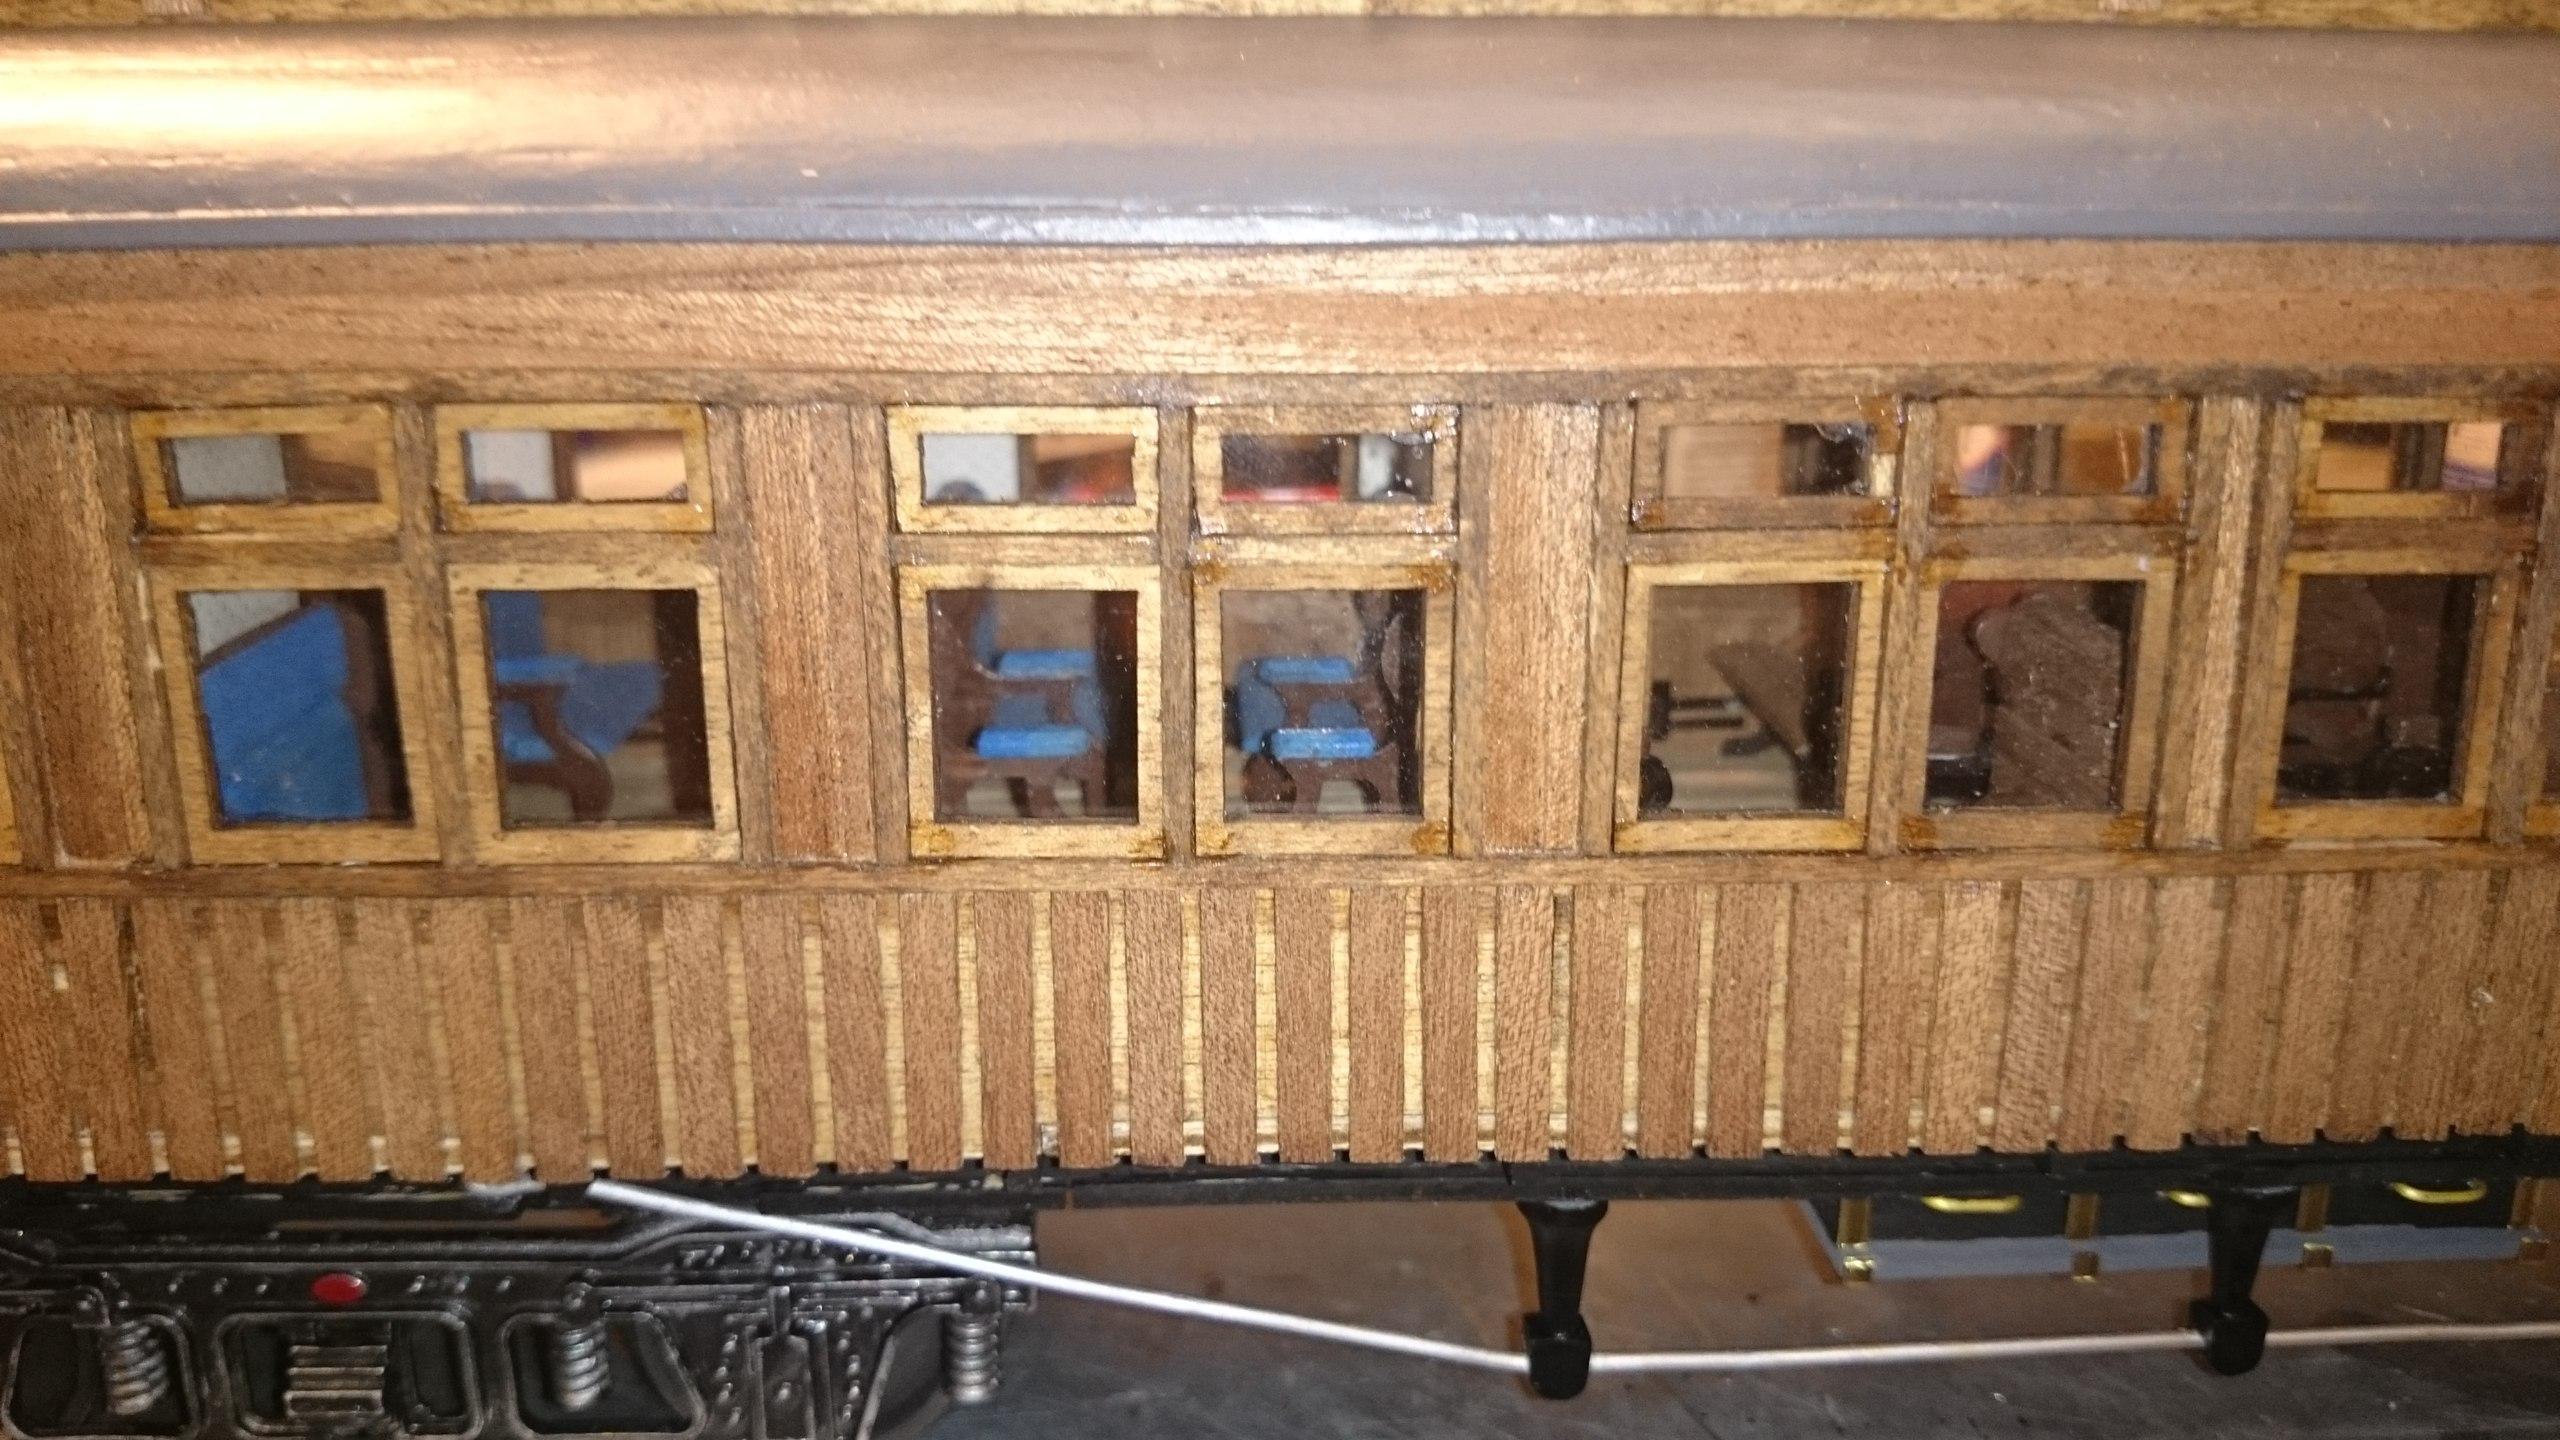 Модель вагона Costa Coach Масштаб 1:32 OcCre (качество фото не очень) OUilP8U_ZTw